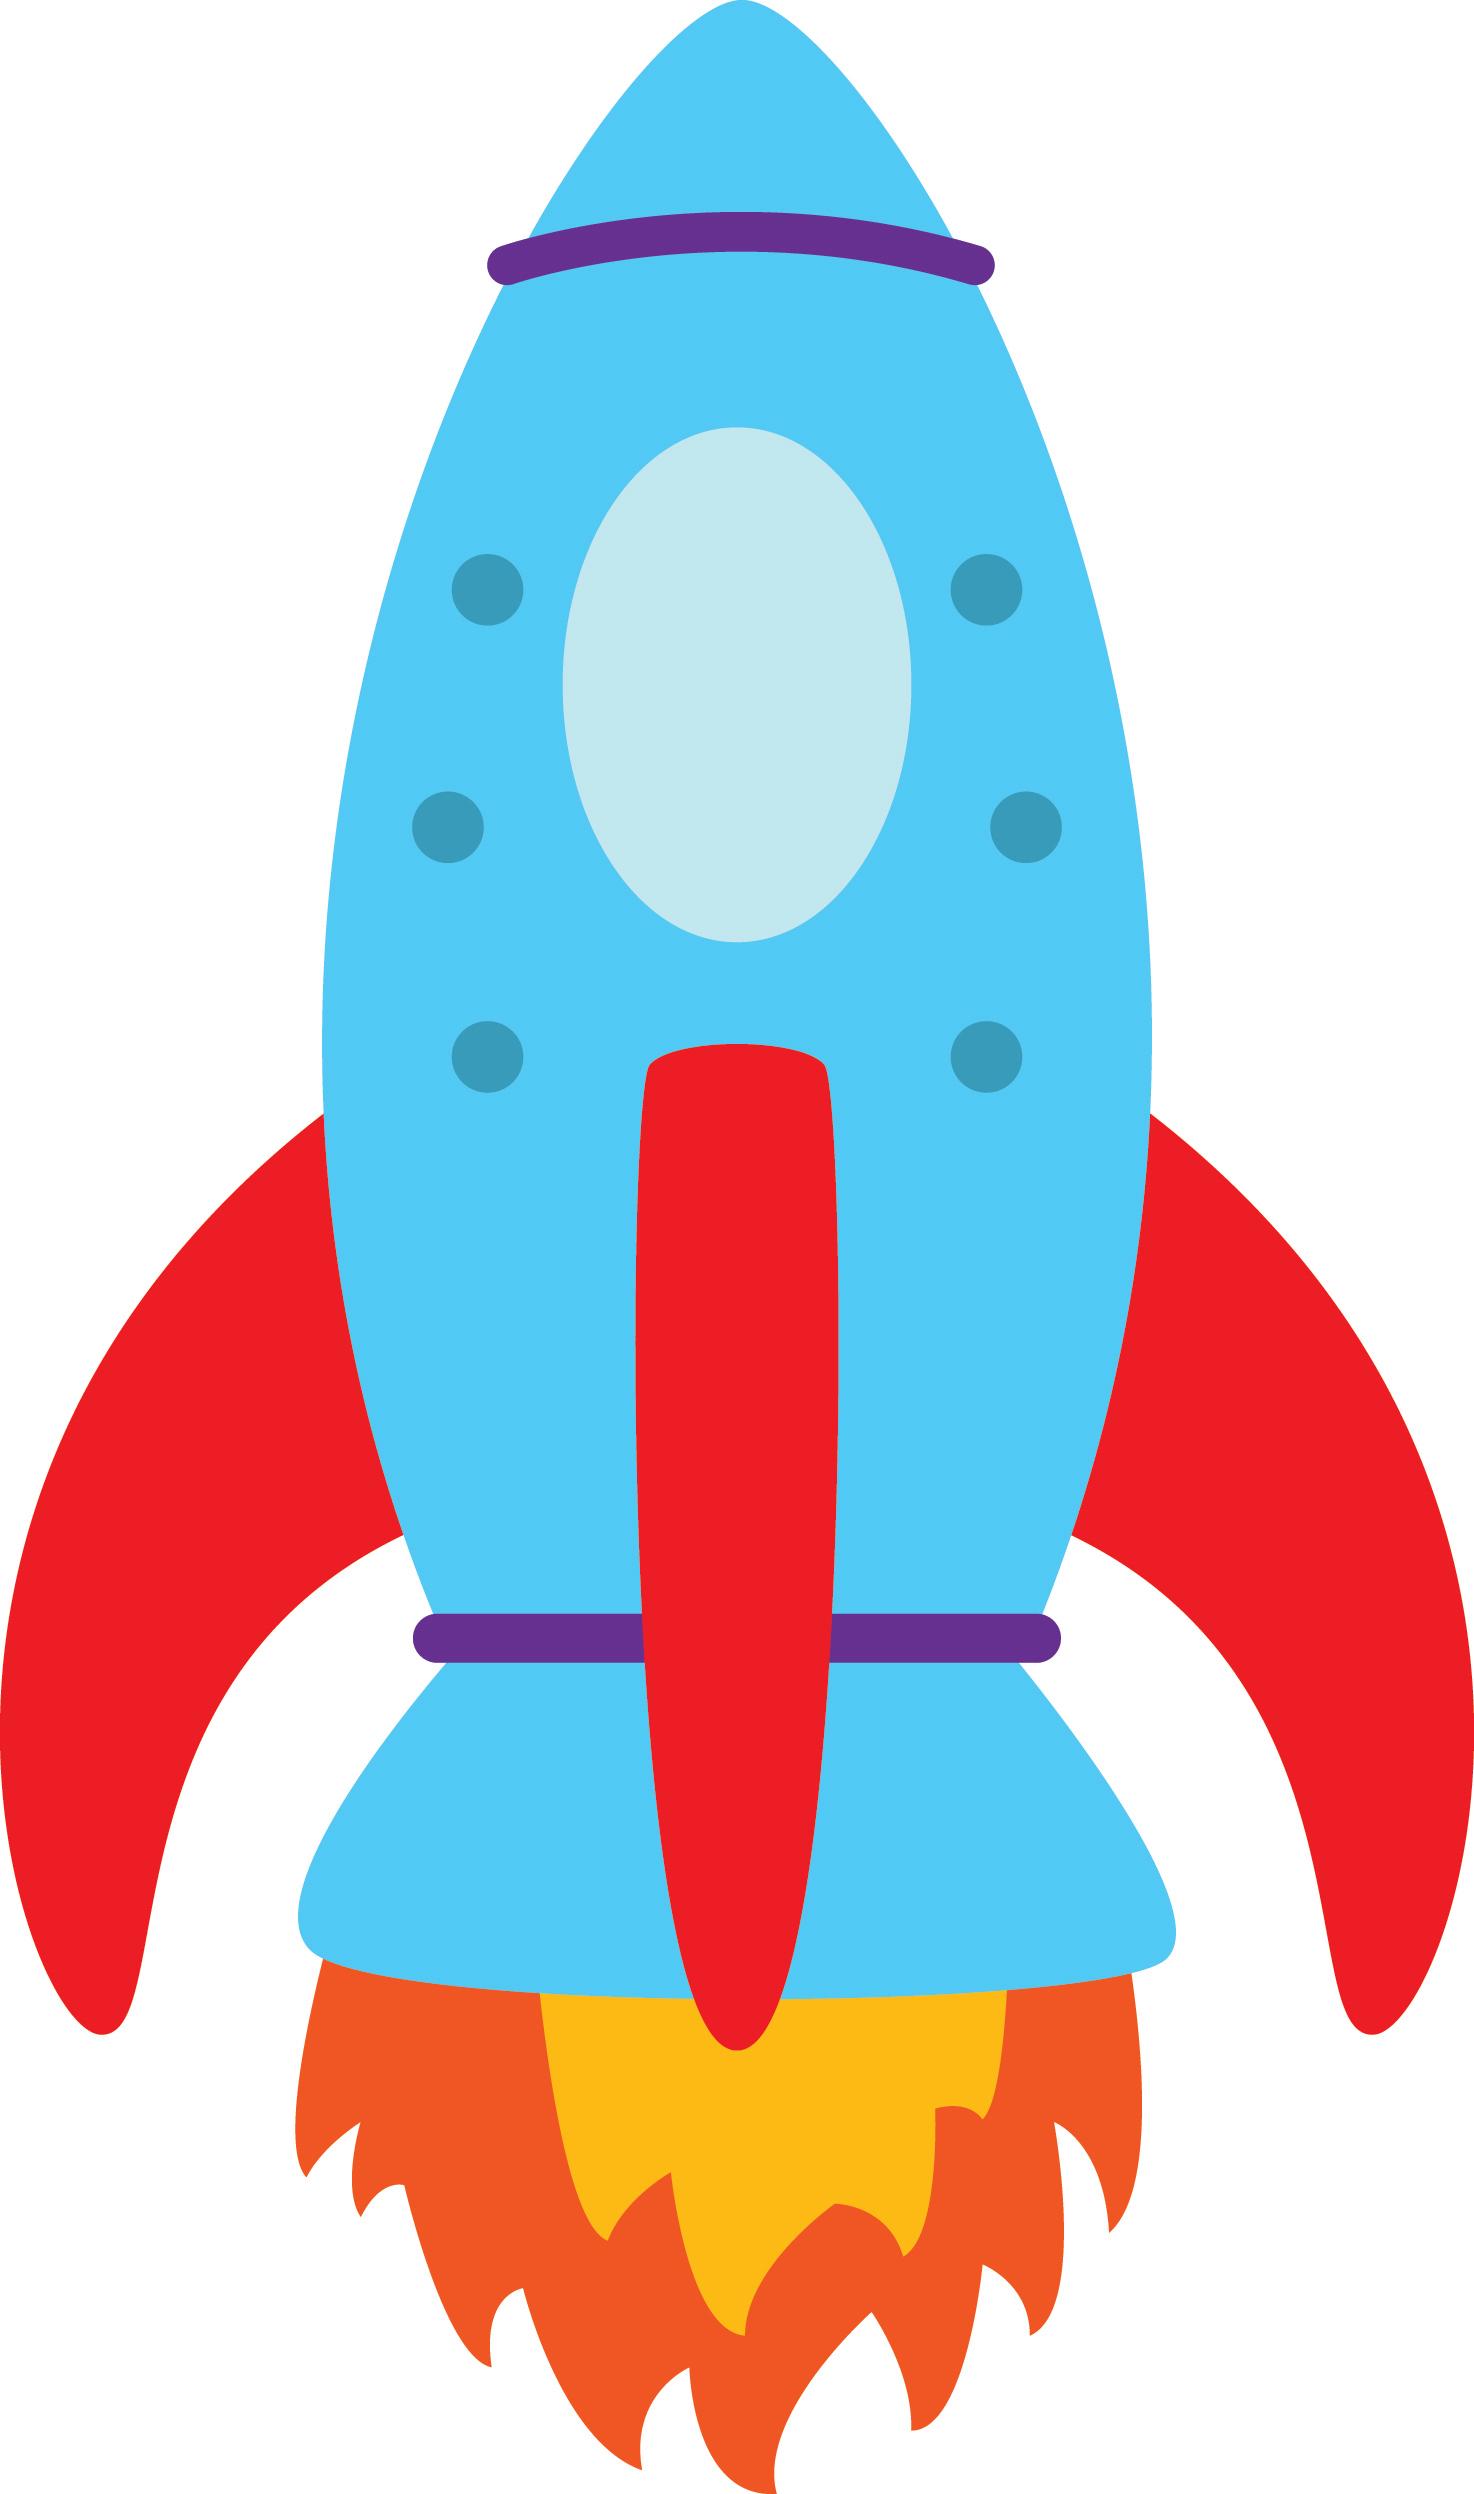 1474x2494 Een Fullcolour Muursticker Van Een Mooie Raket. Combineer Met De